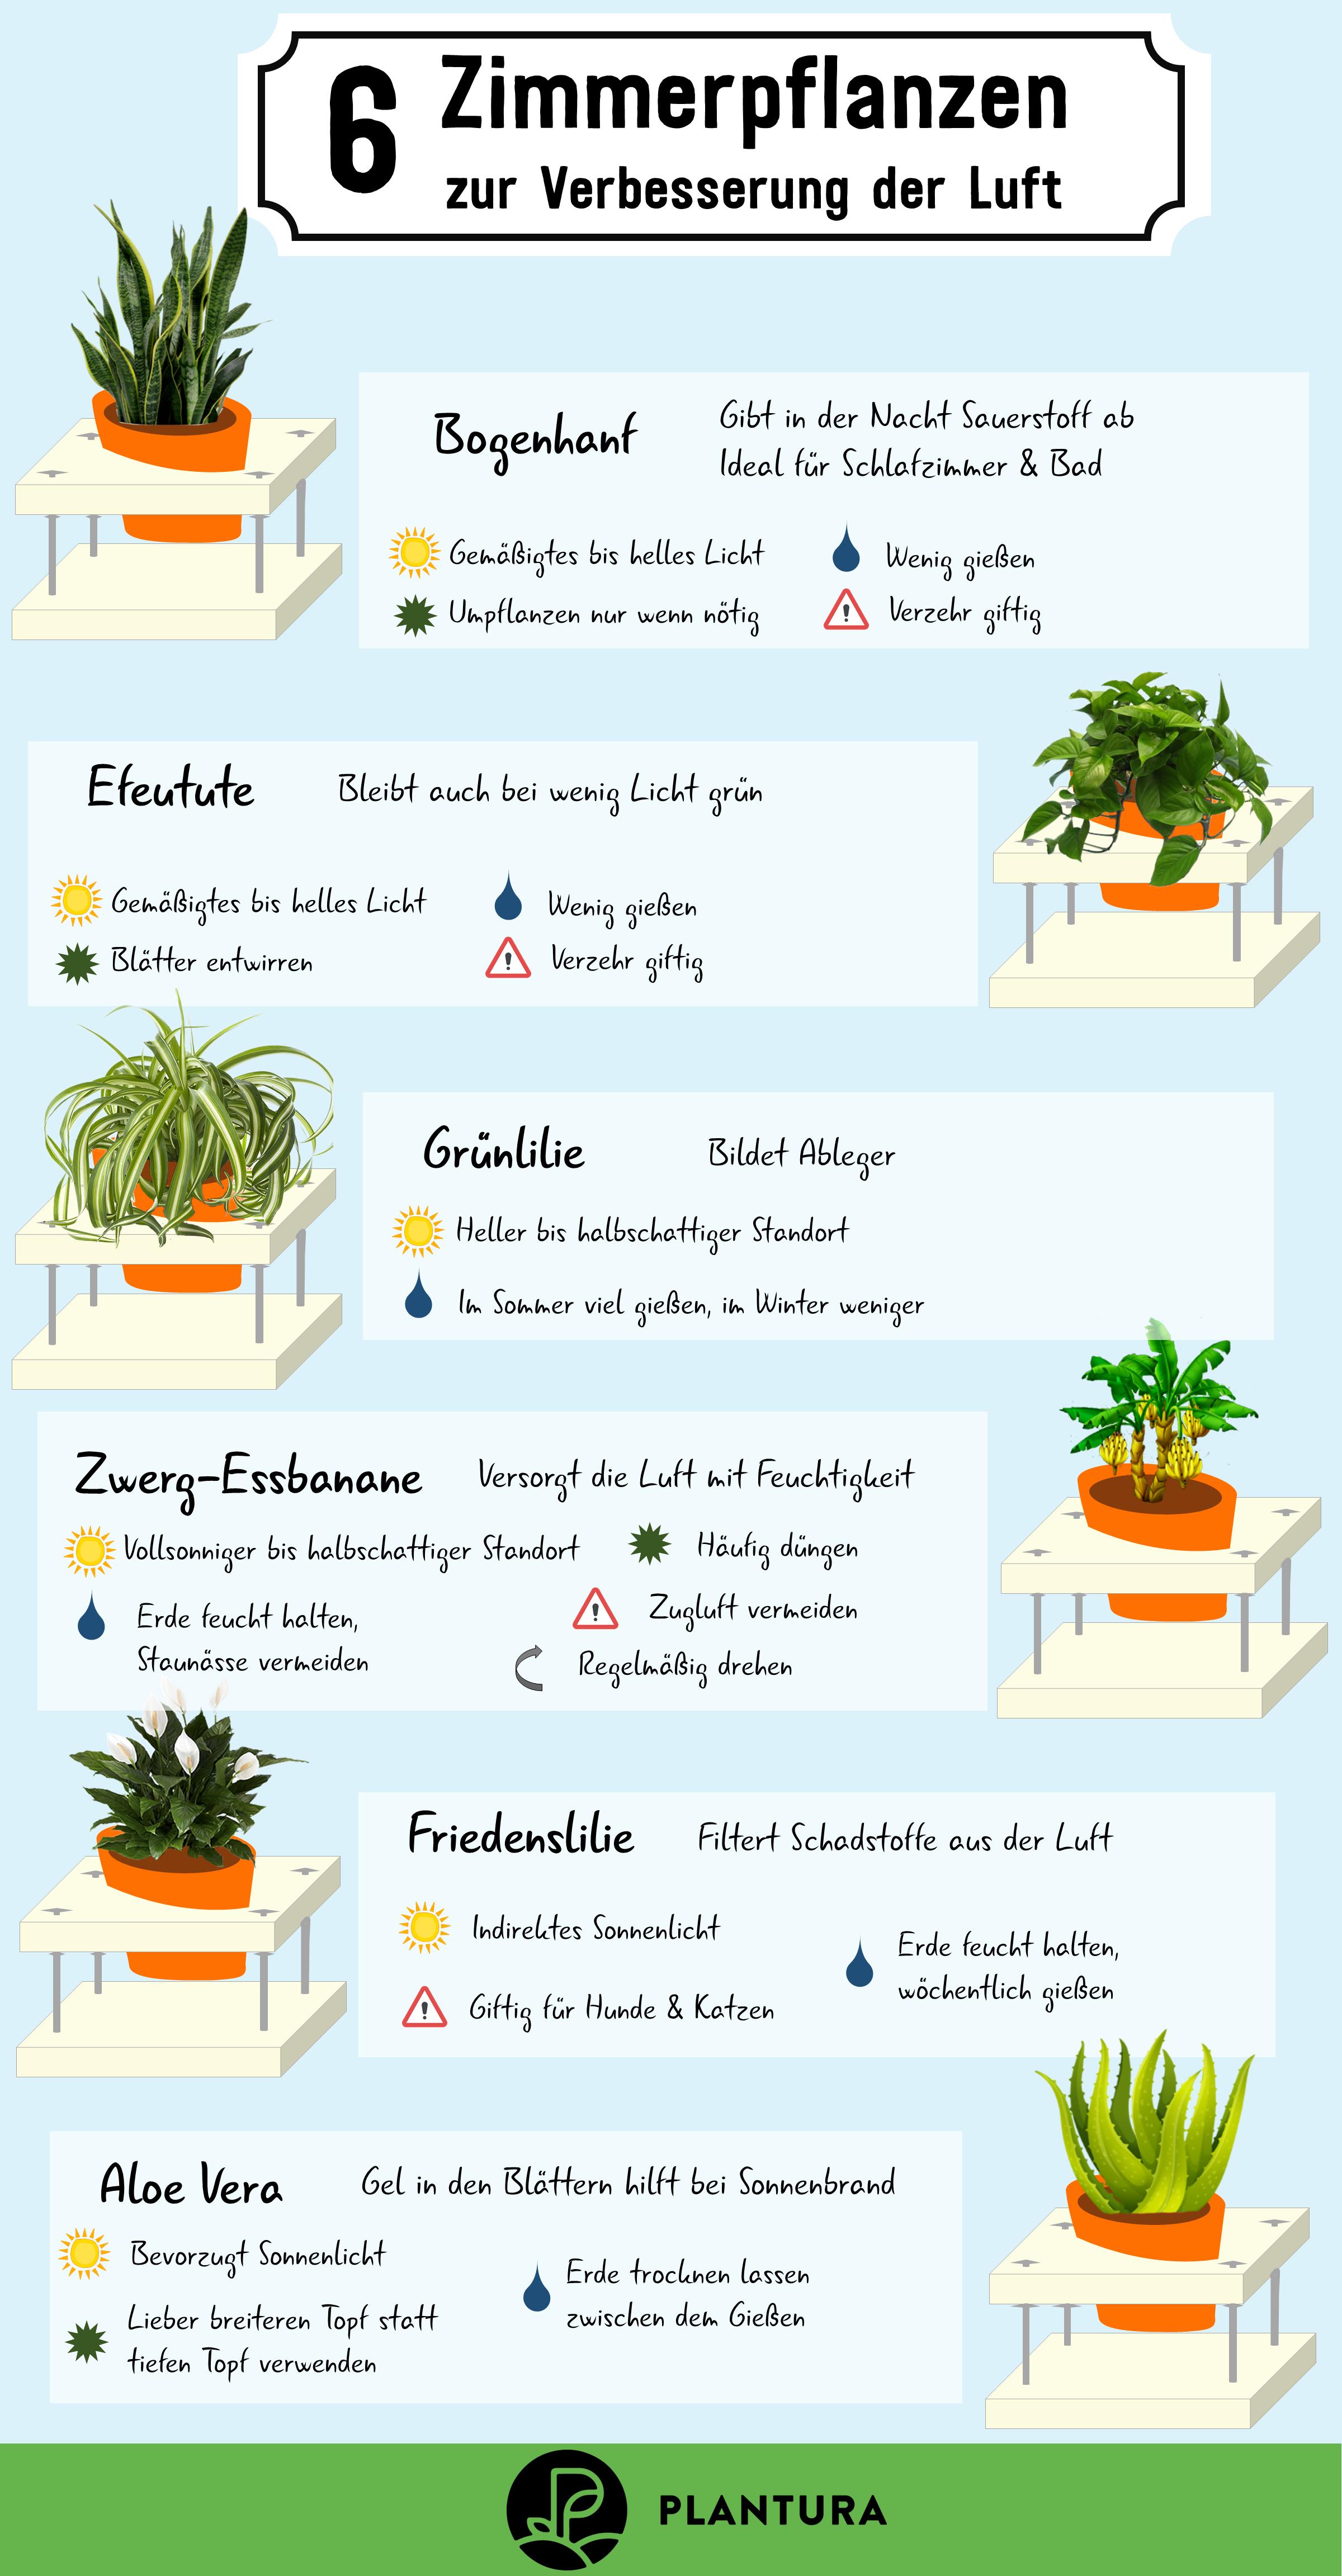 Luftreinigende Pflanzen: Die Top 17 - Plantura  Zimmerpflanzen